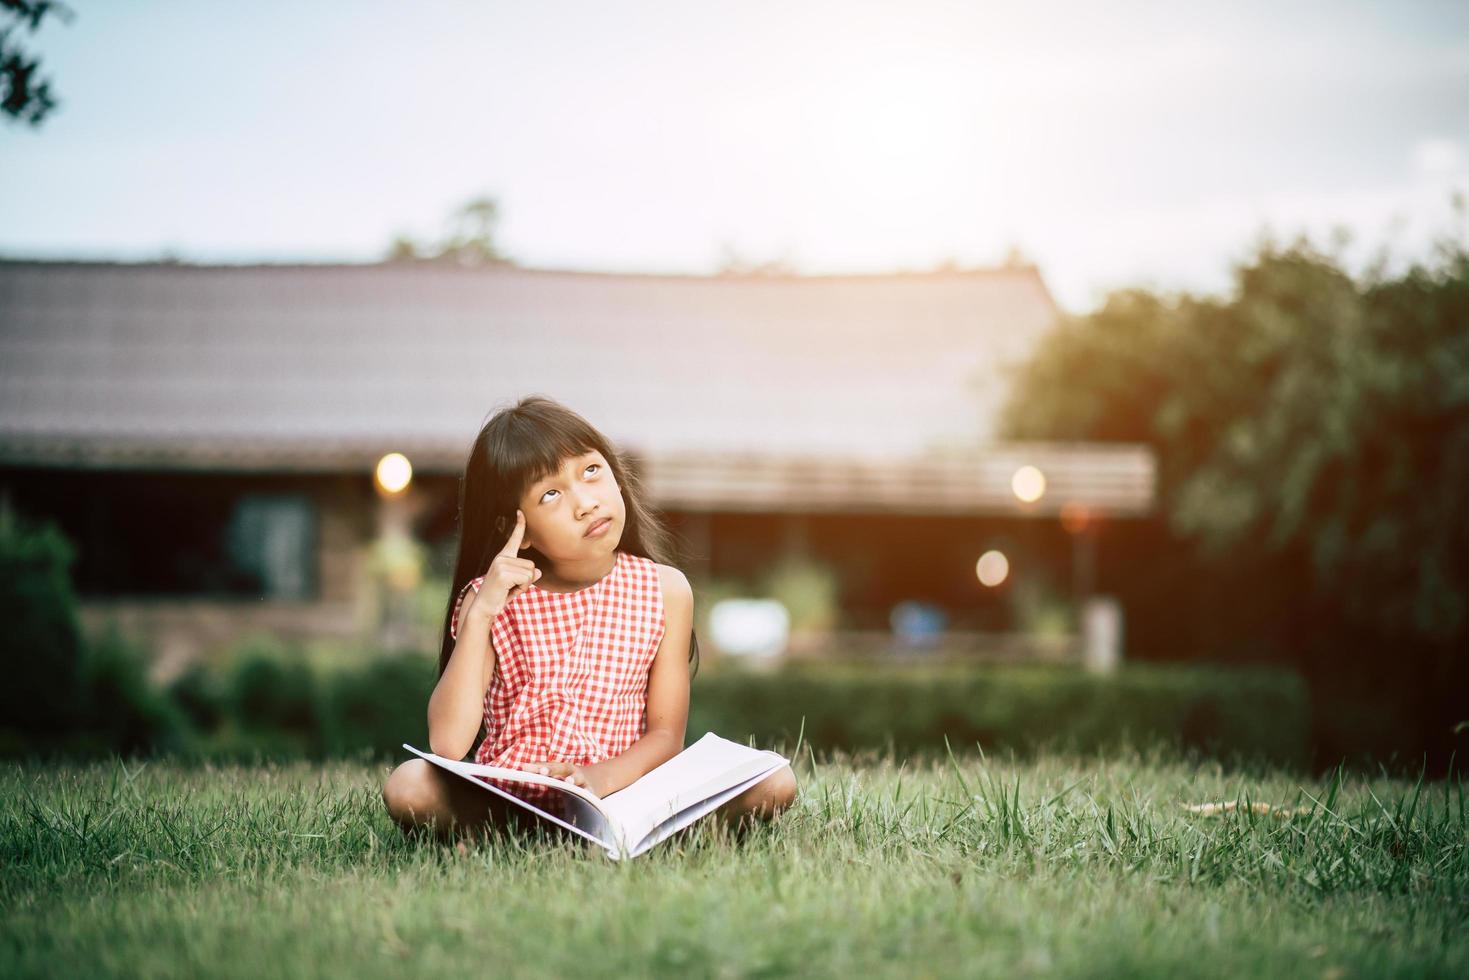 bambina che legge un libro nel giardino di casa sua fuori foto